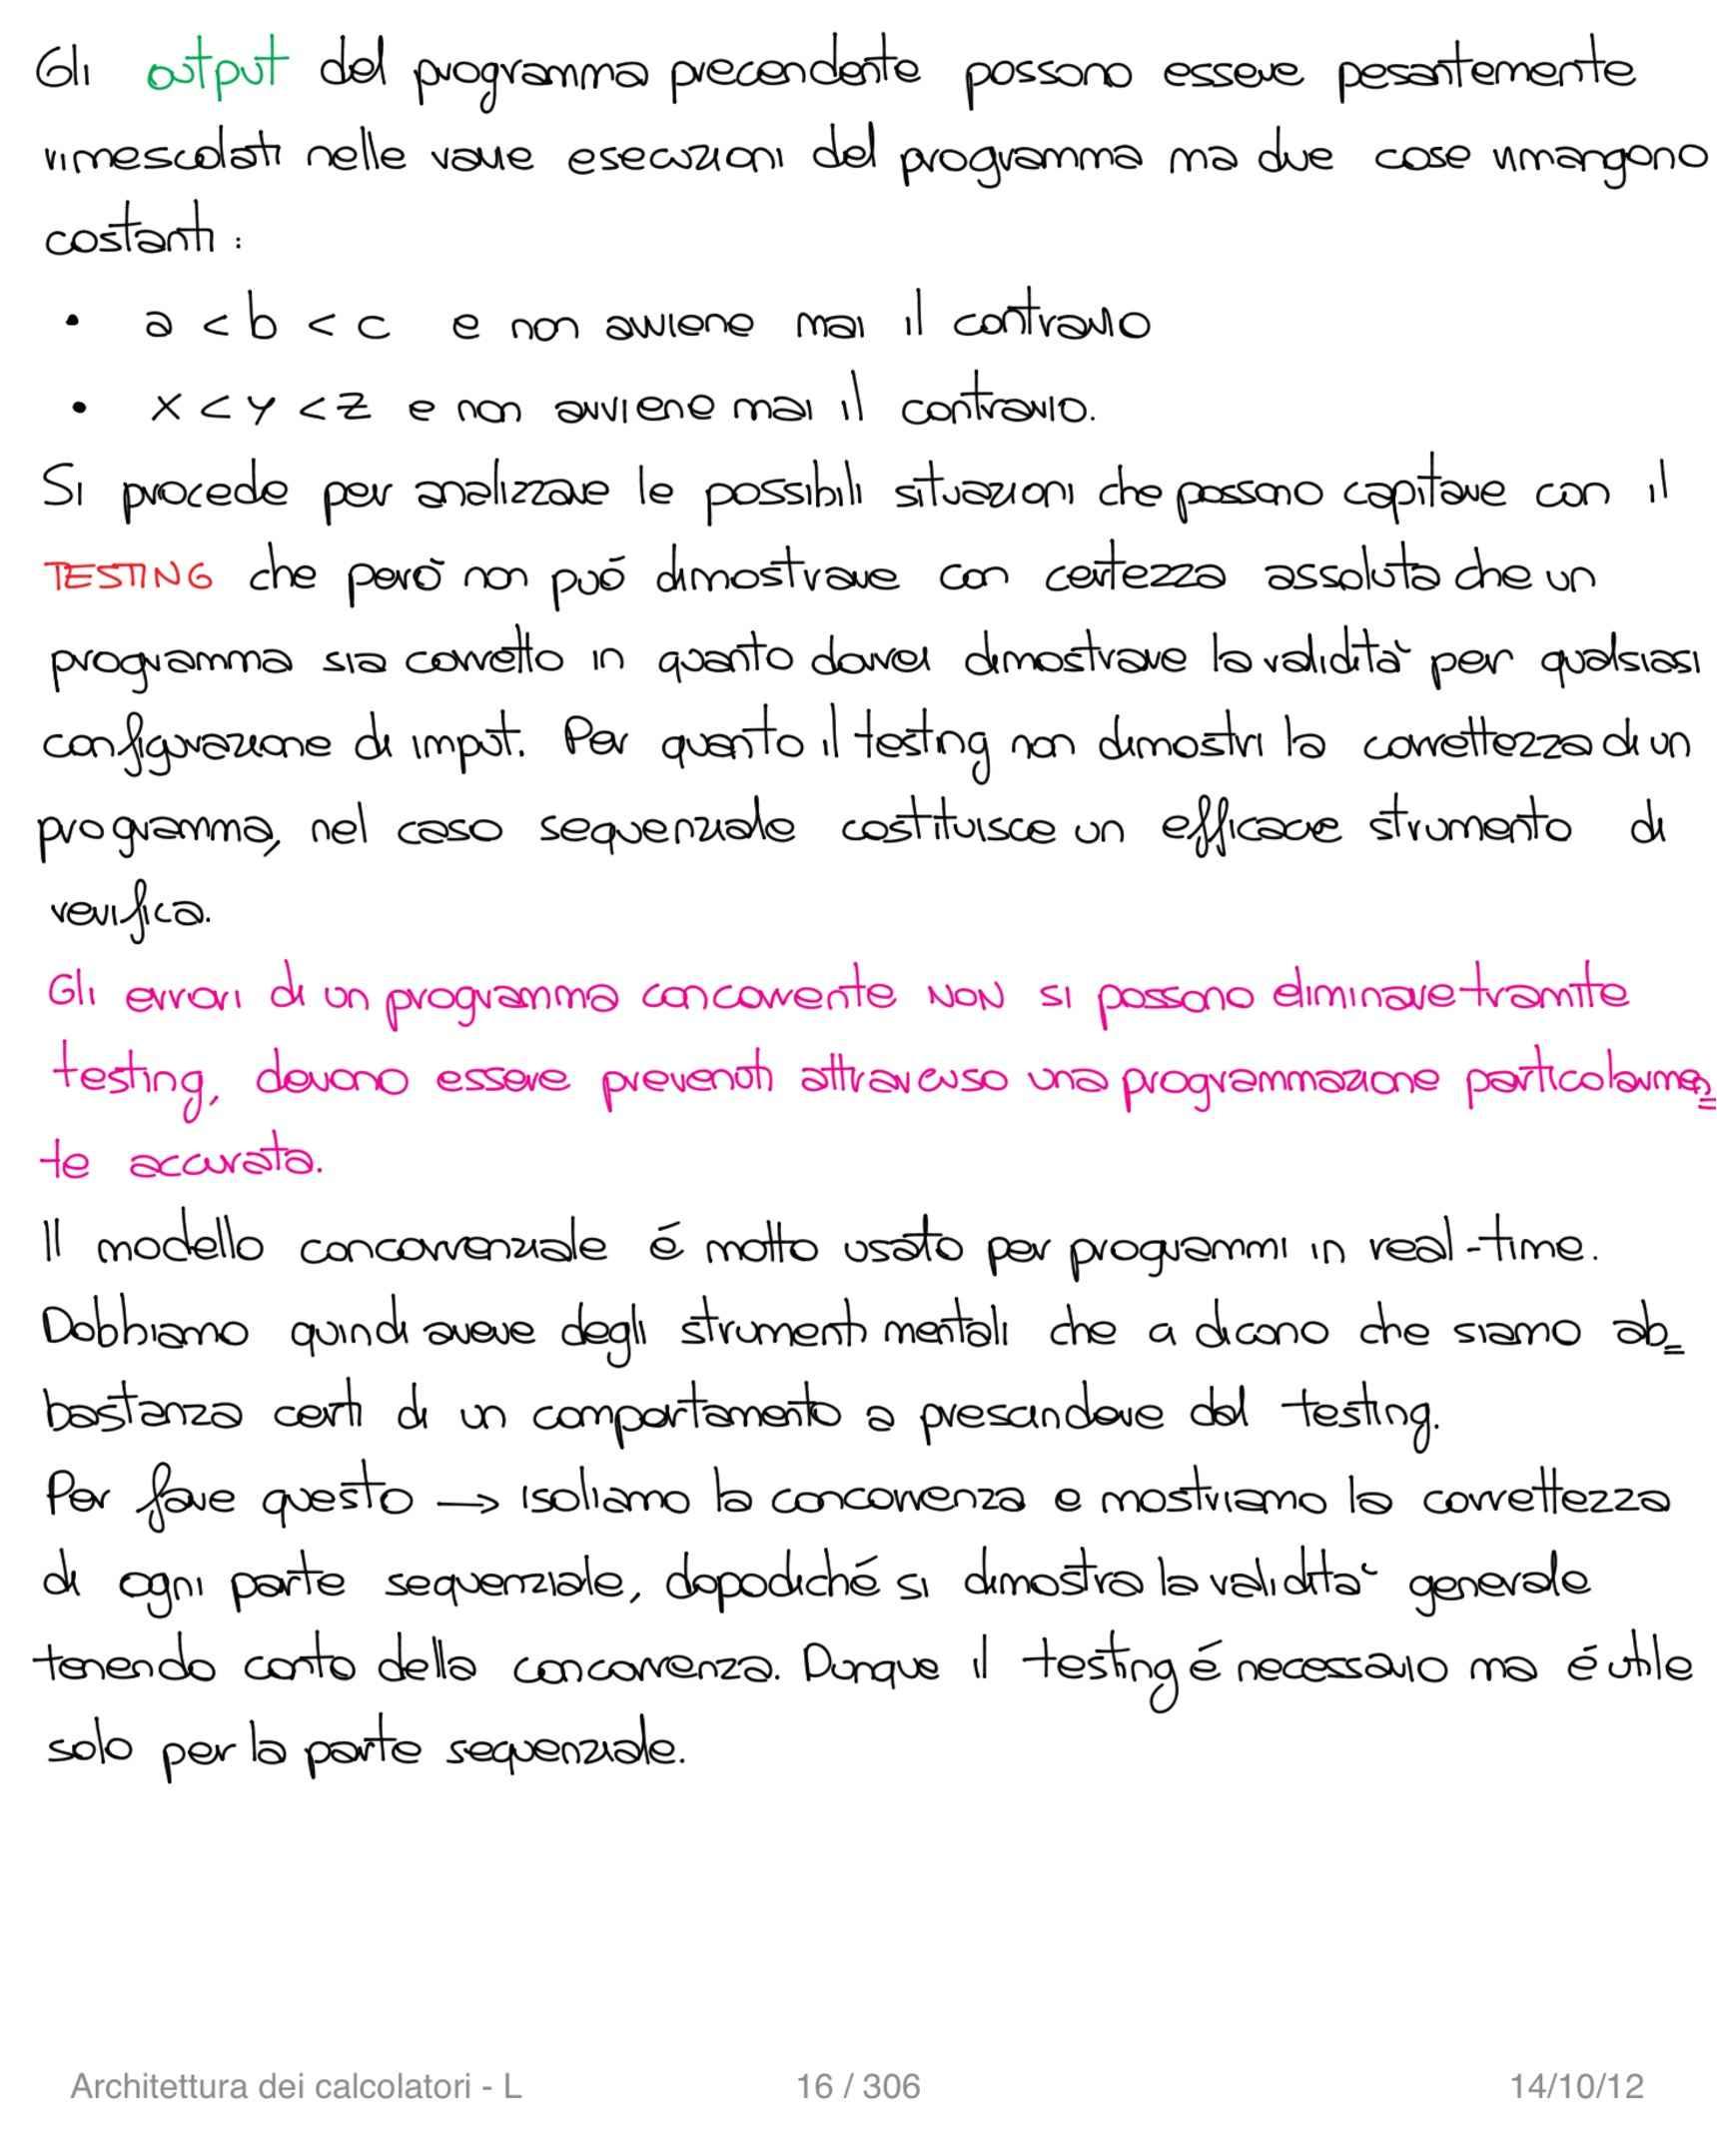 Architettura dei calcolatori e sistemi operativi - Appunti Pag. 16